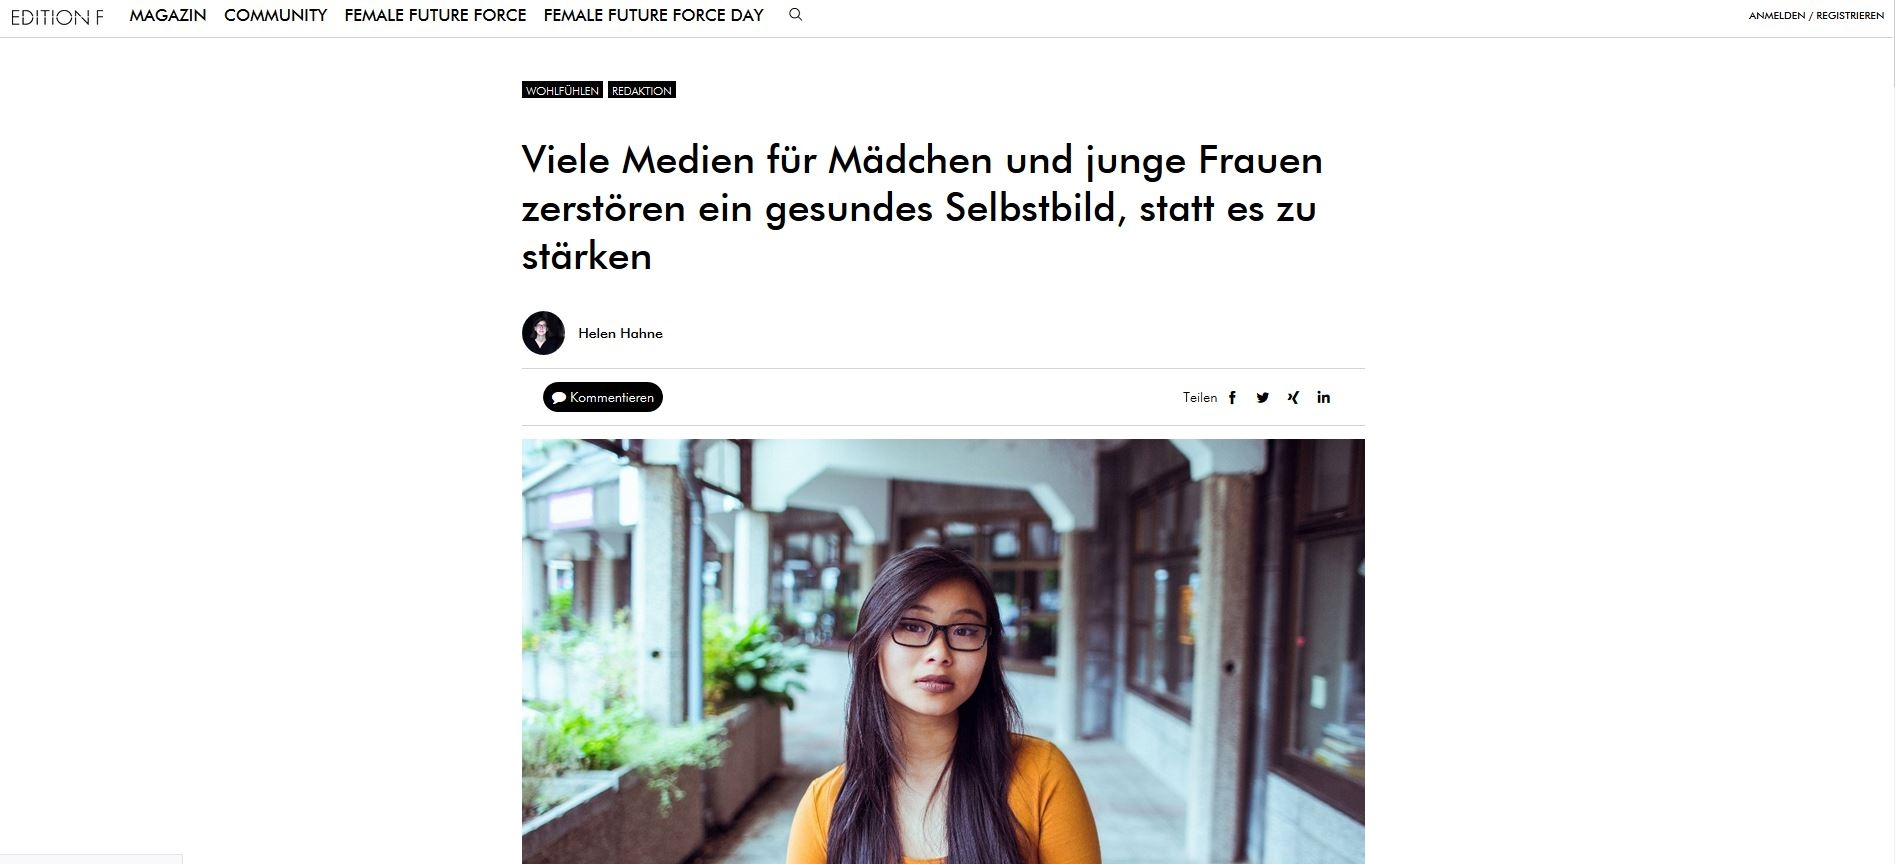 Interview Edition F – Über Mädchenzeitschriften